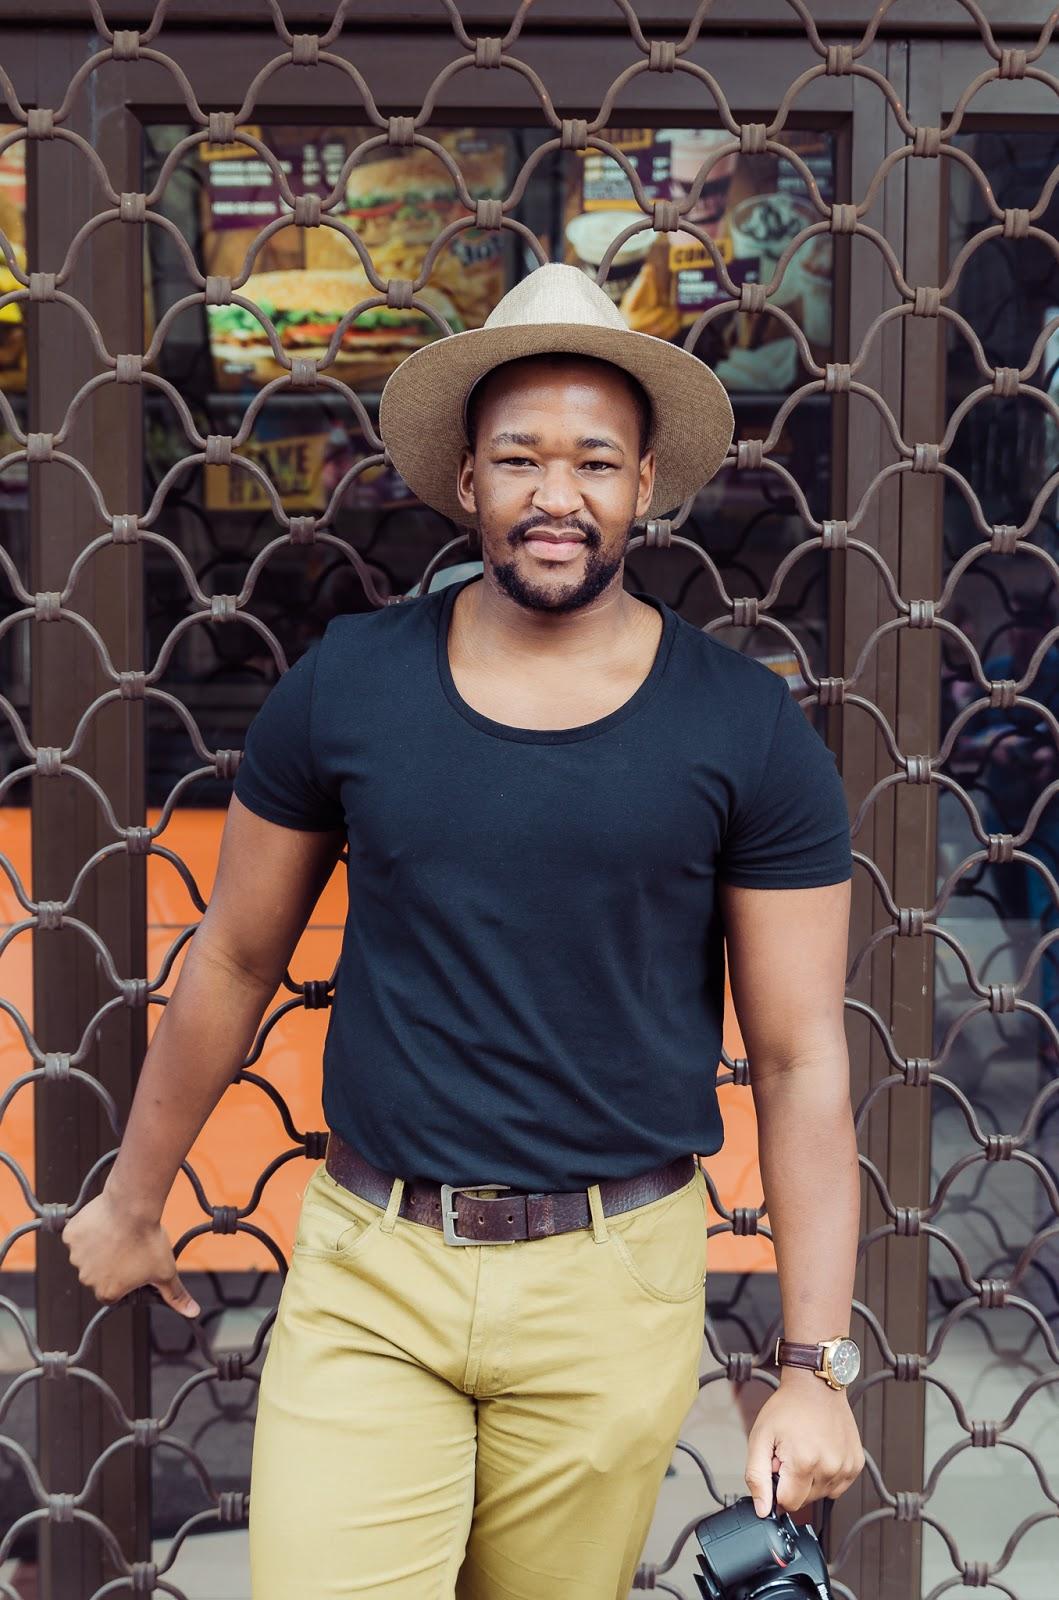 instameet in braamfontein Johannesburg